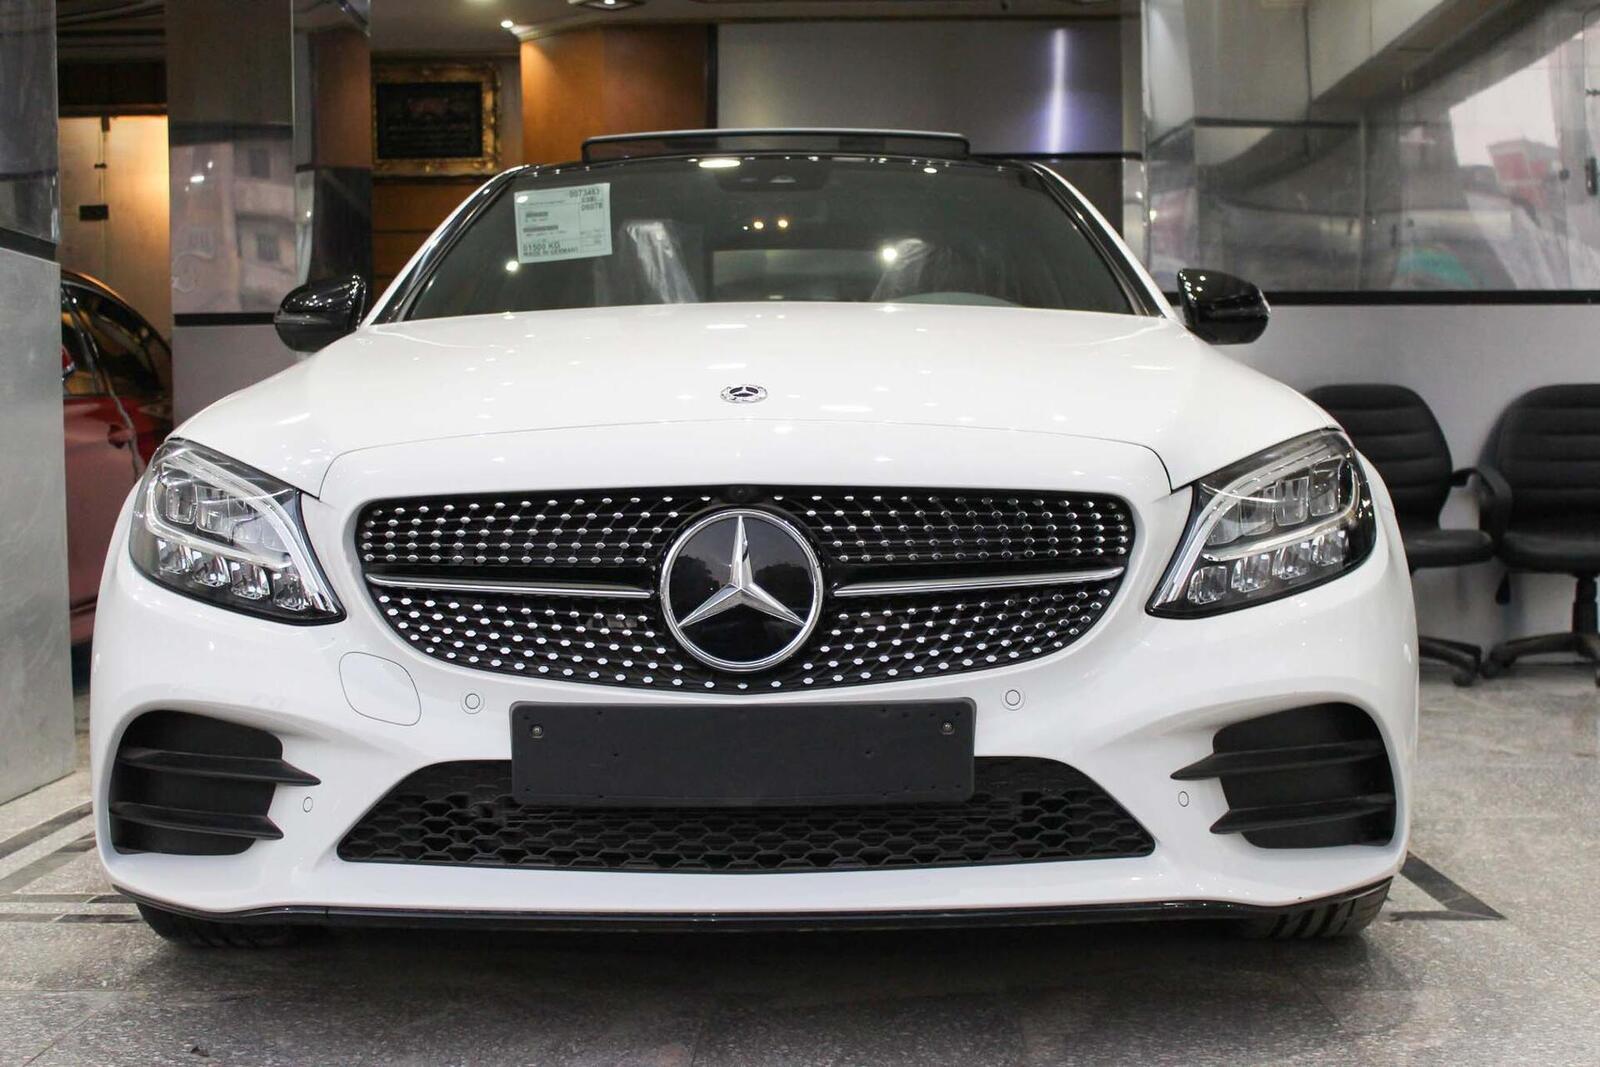 Sau Malaysia, Mercedes-Benz Việt Nam sắp sửa giới thiệu C-Class 2019? - Hình 2